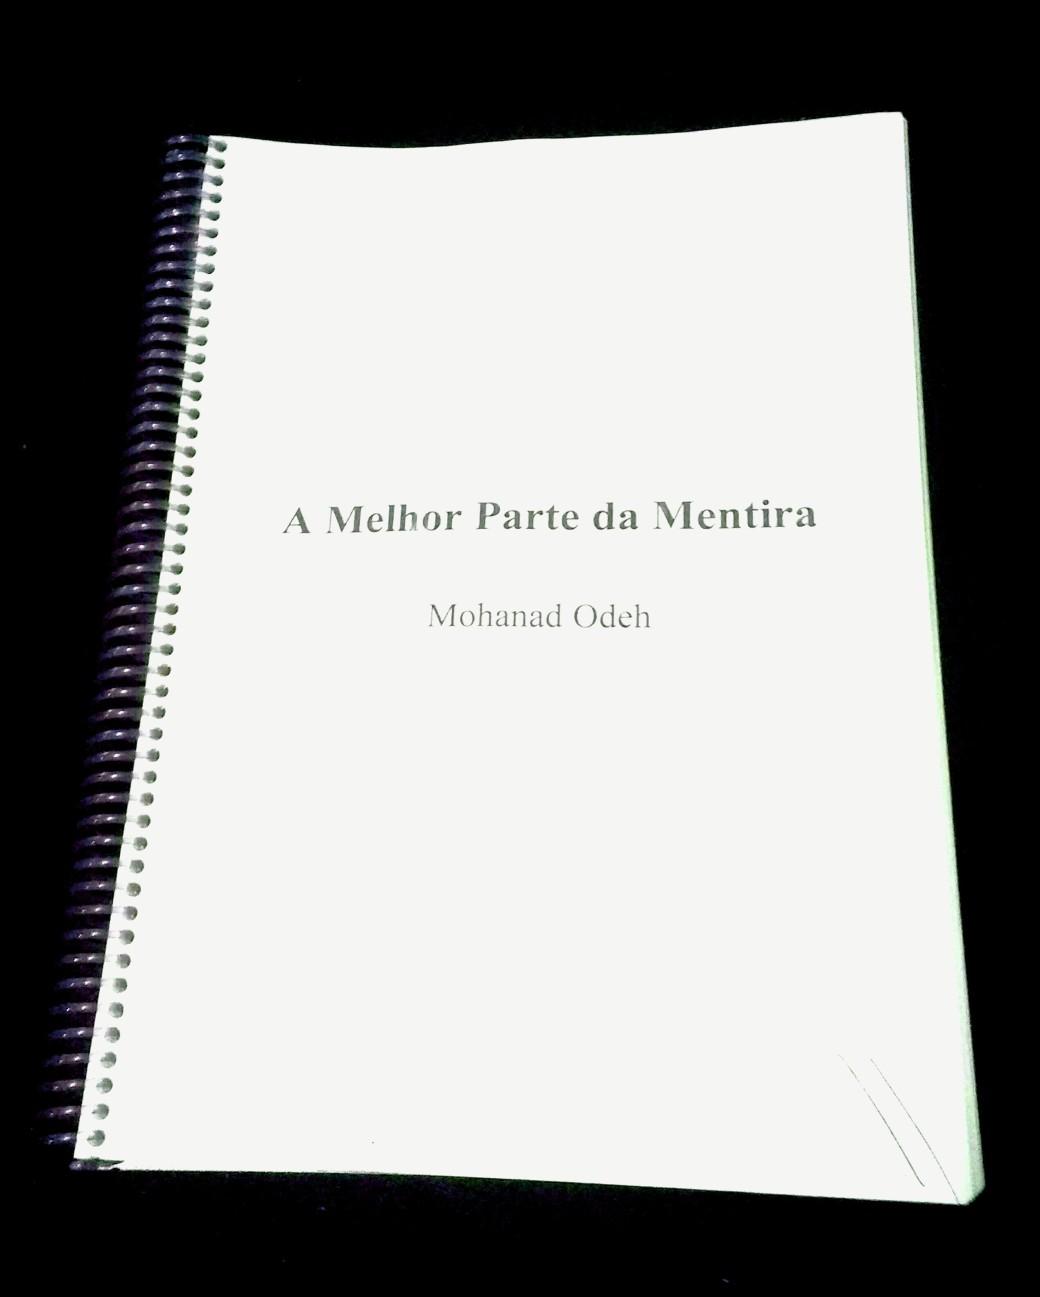 Próximo livro